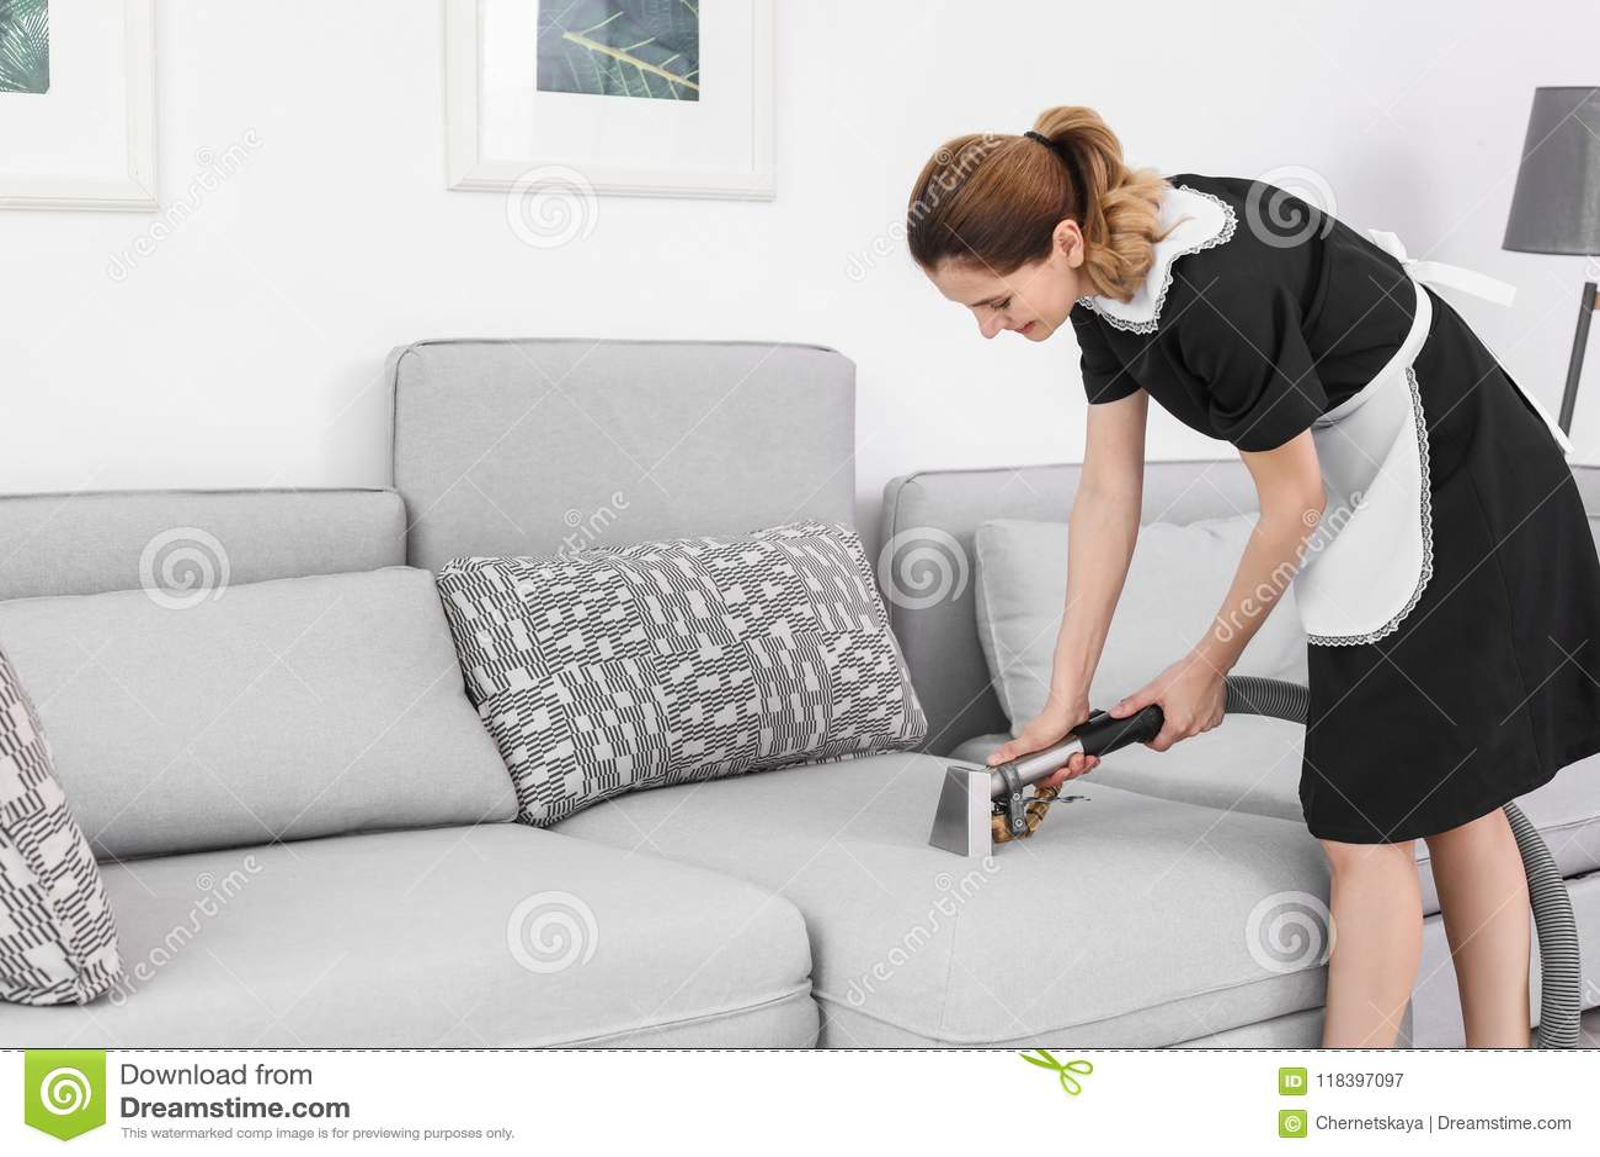 Arbeitnehmerin, die Schmutz vom Sofa mit Berufsstaubsauger, zuhause entfernt